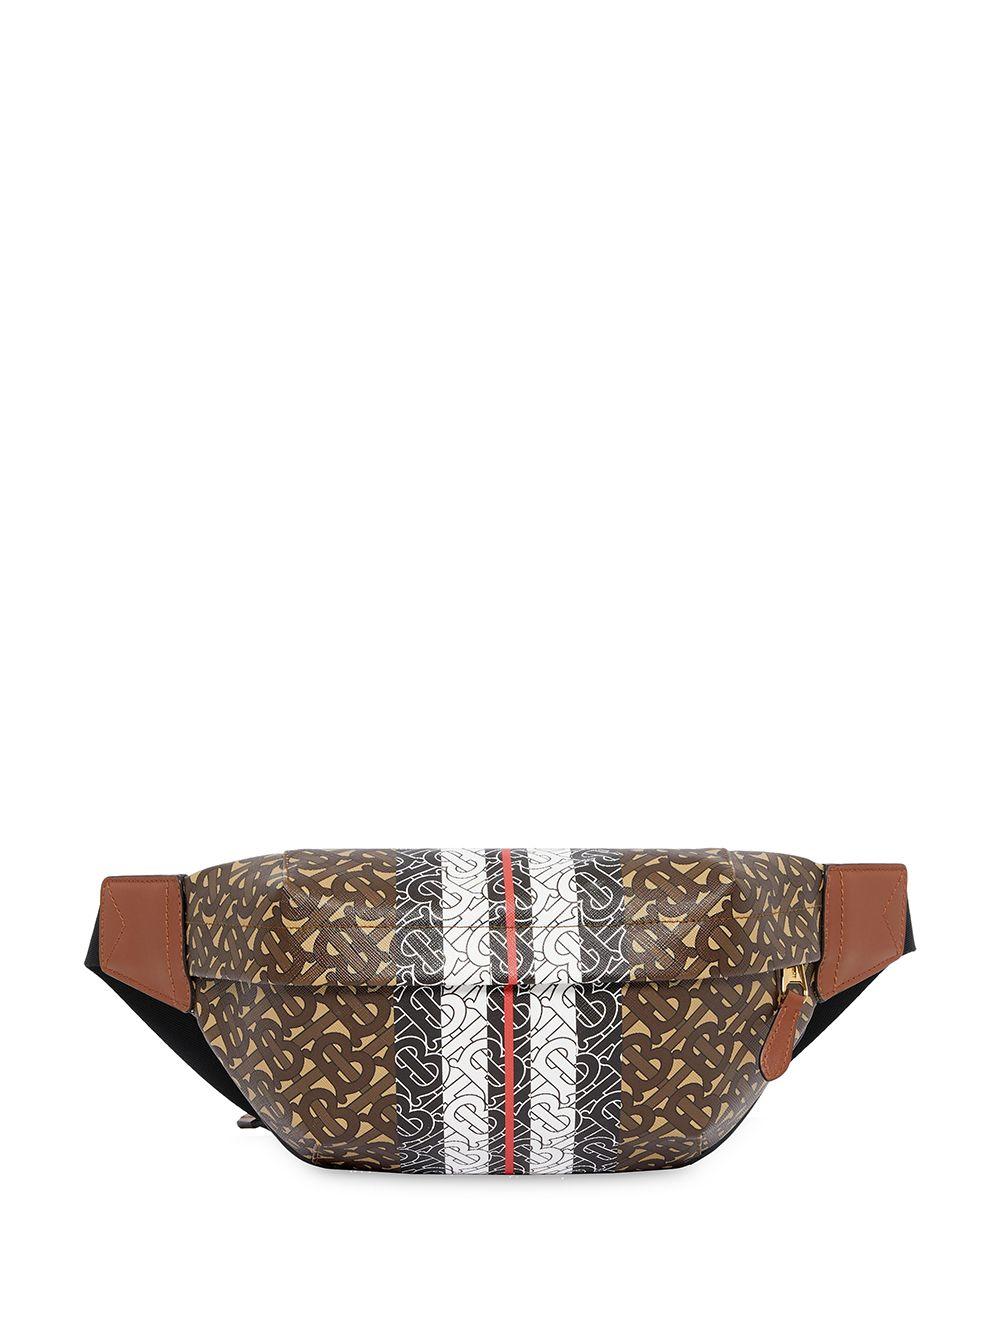 Burberry Mittelgroße Gürteltasche mit Streifen - Braun